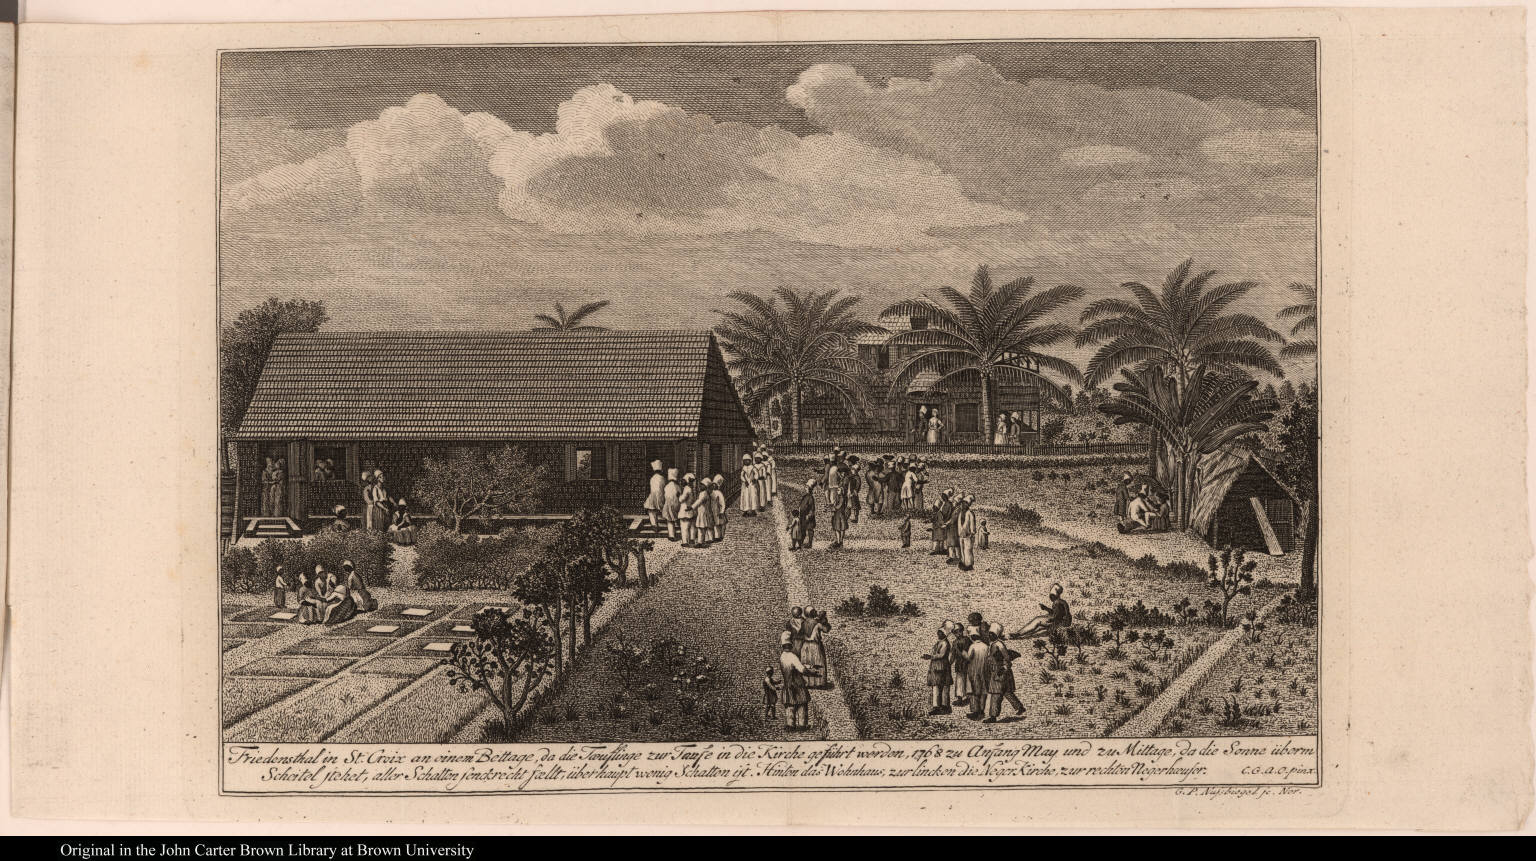 Friedensthal in St. Croix ...